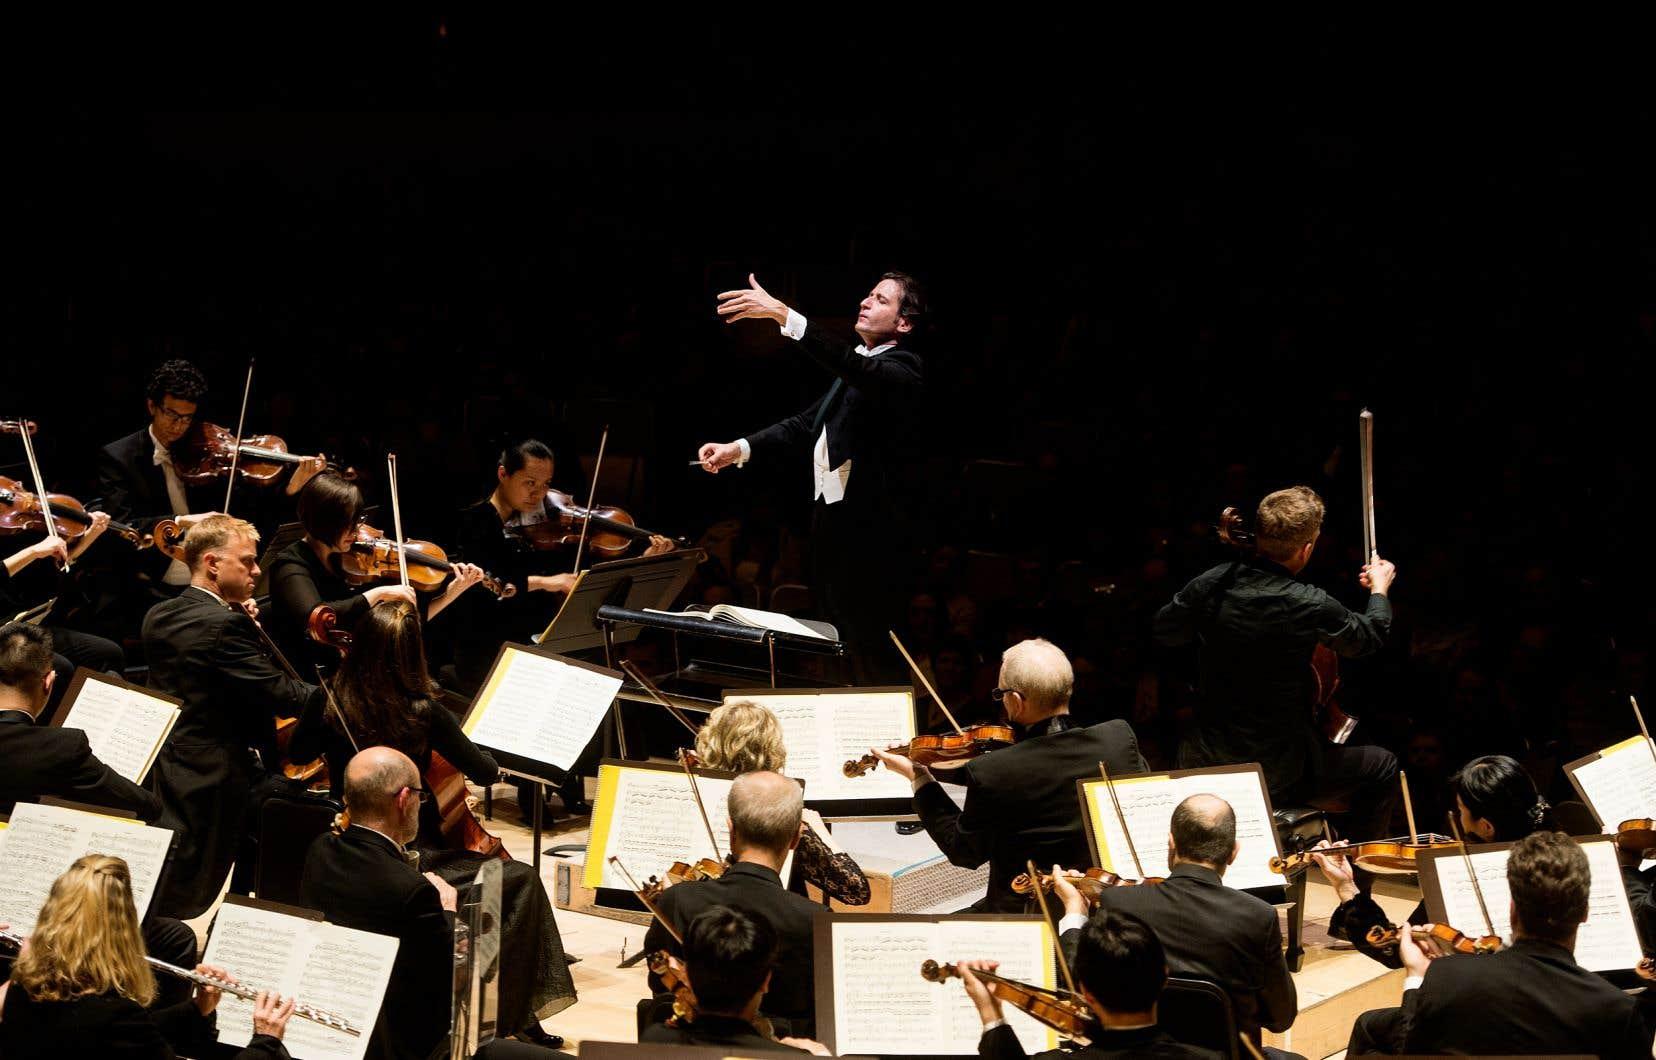 L'Orchestre symphonique de Toronto, sous la direction de Gustavo Gimeno